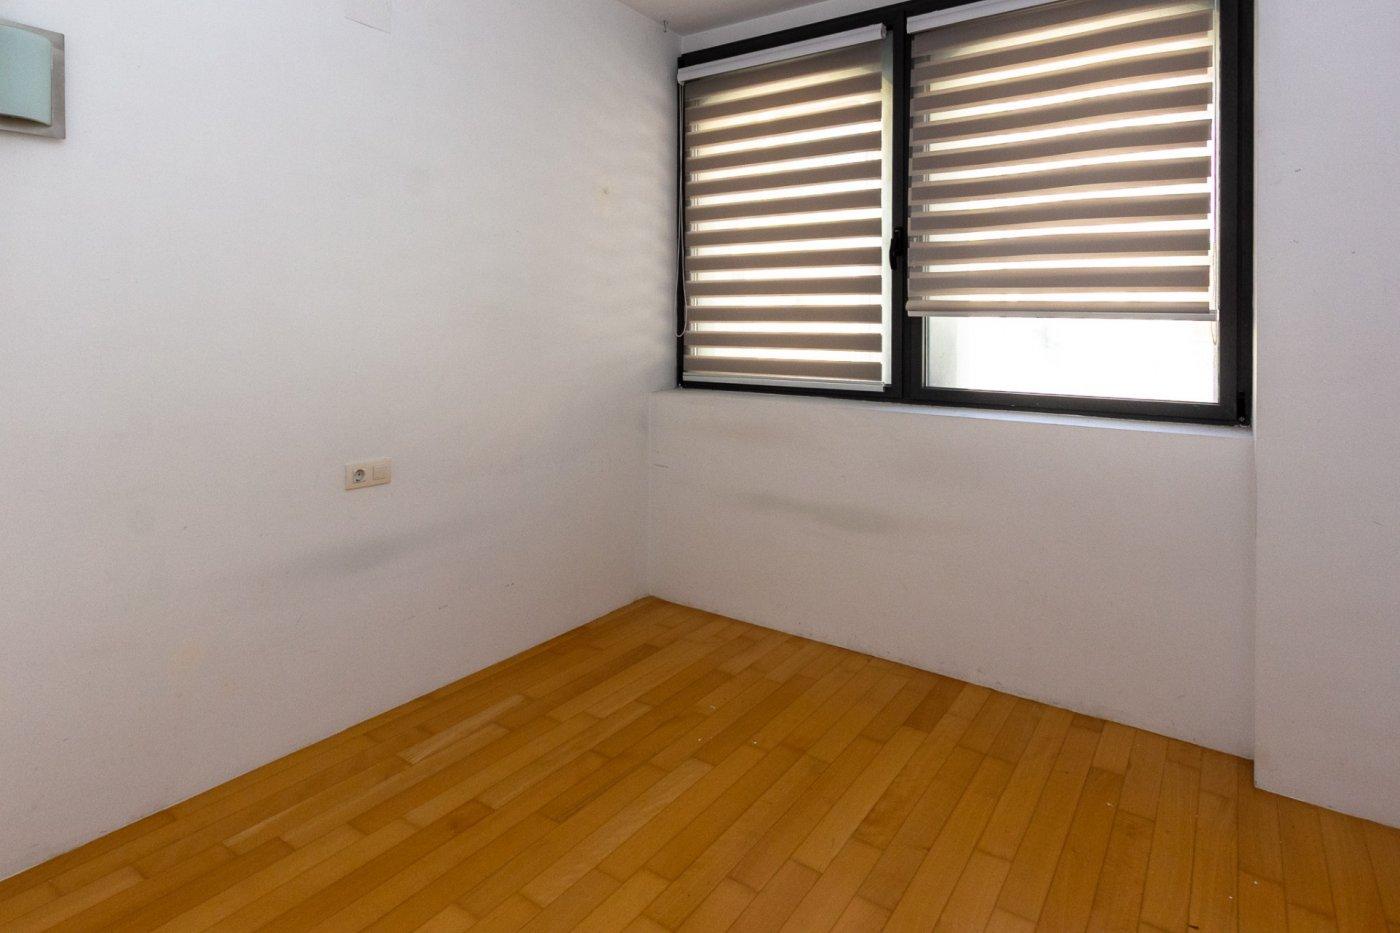 Piso de dos dormitorios de reciente construcción en zona centro de castalla - imagenInmueble5